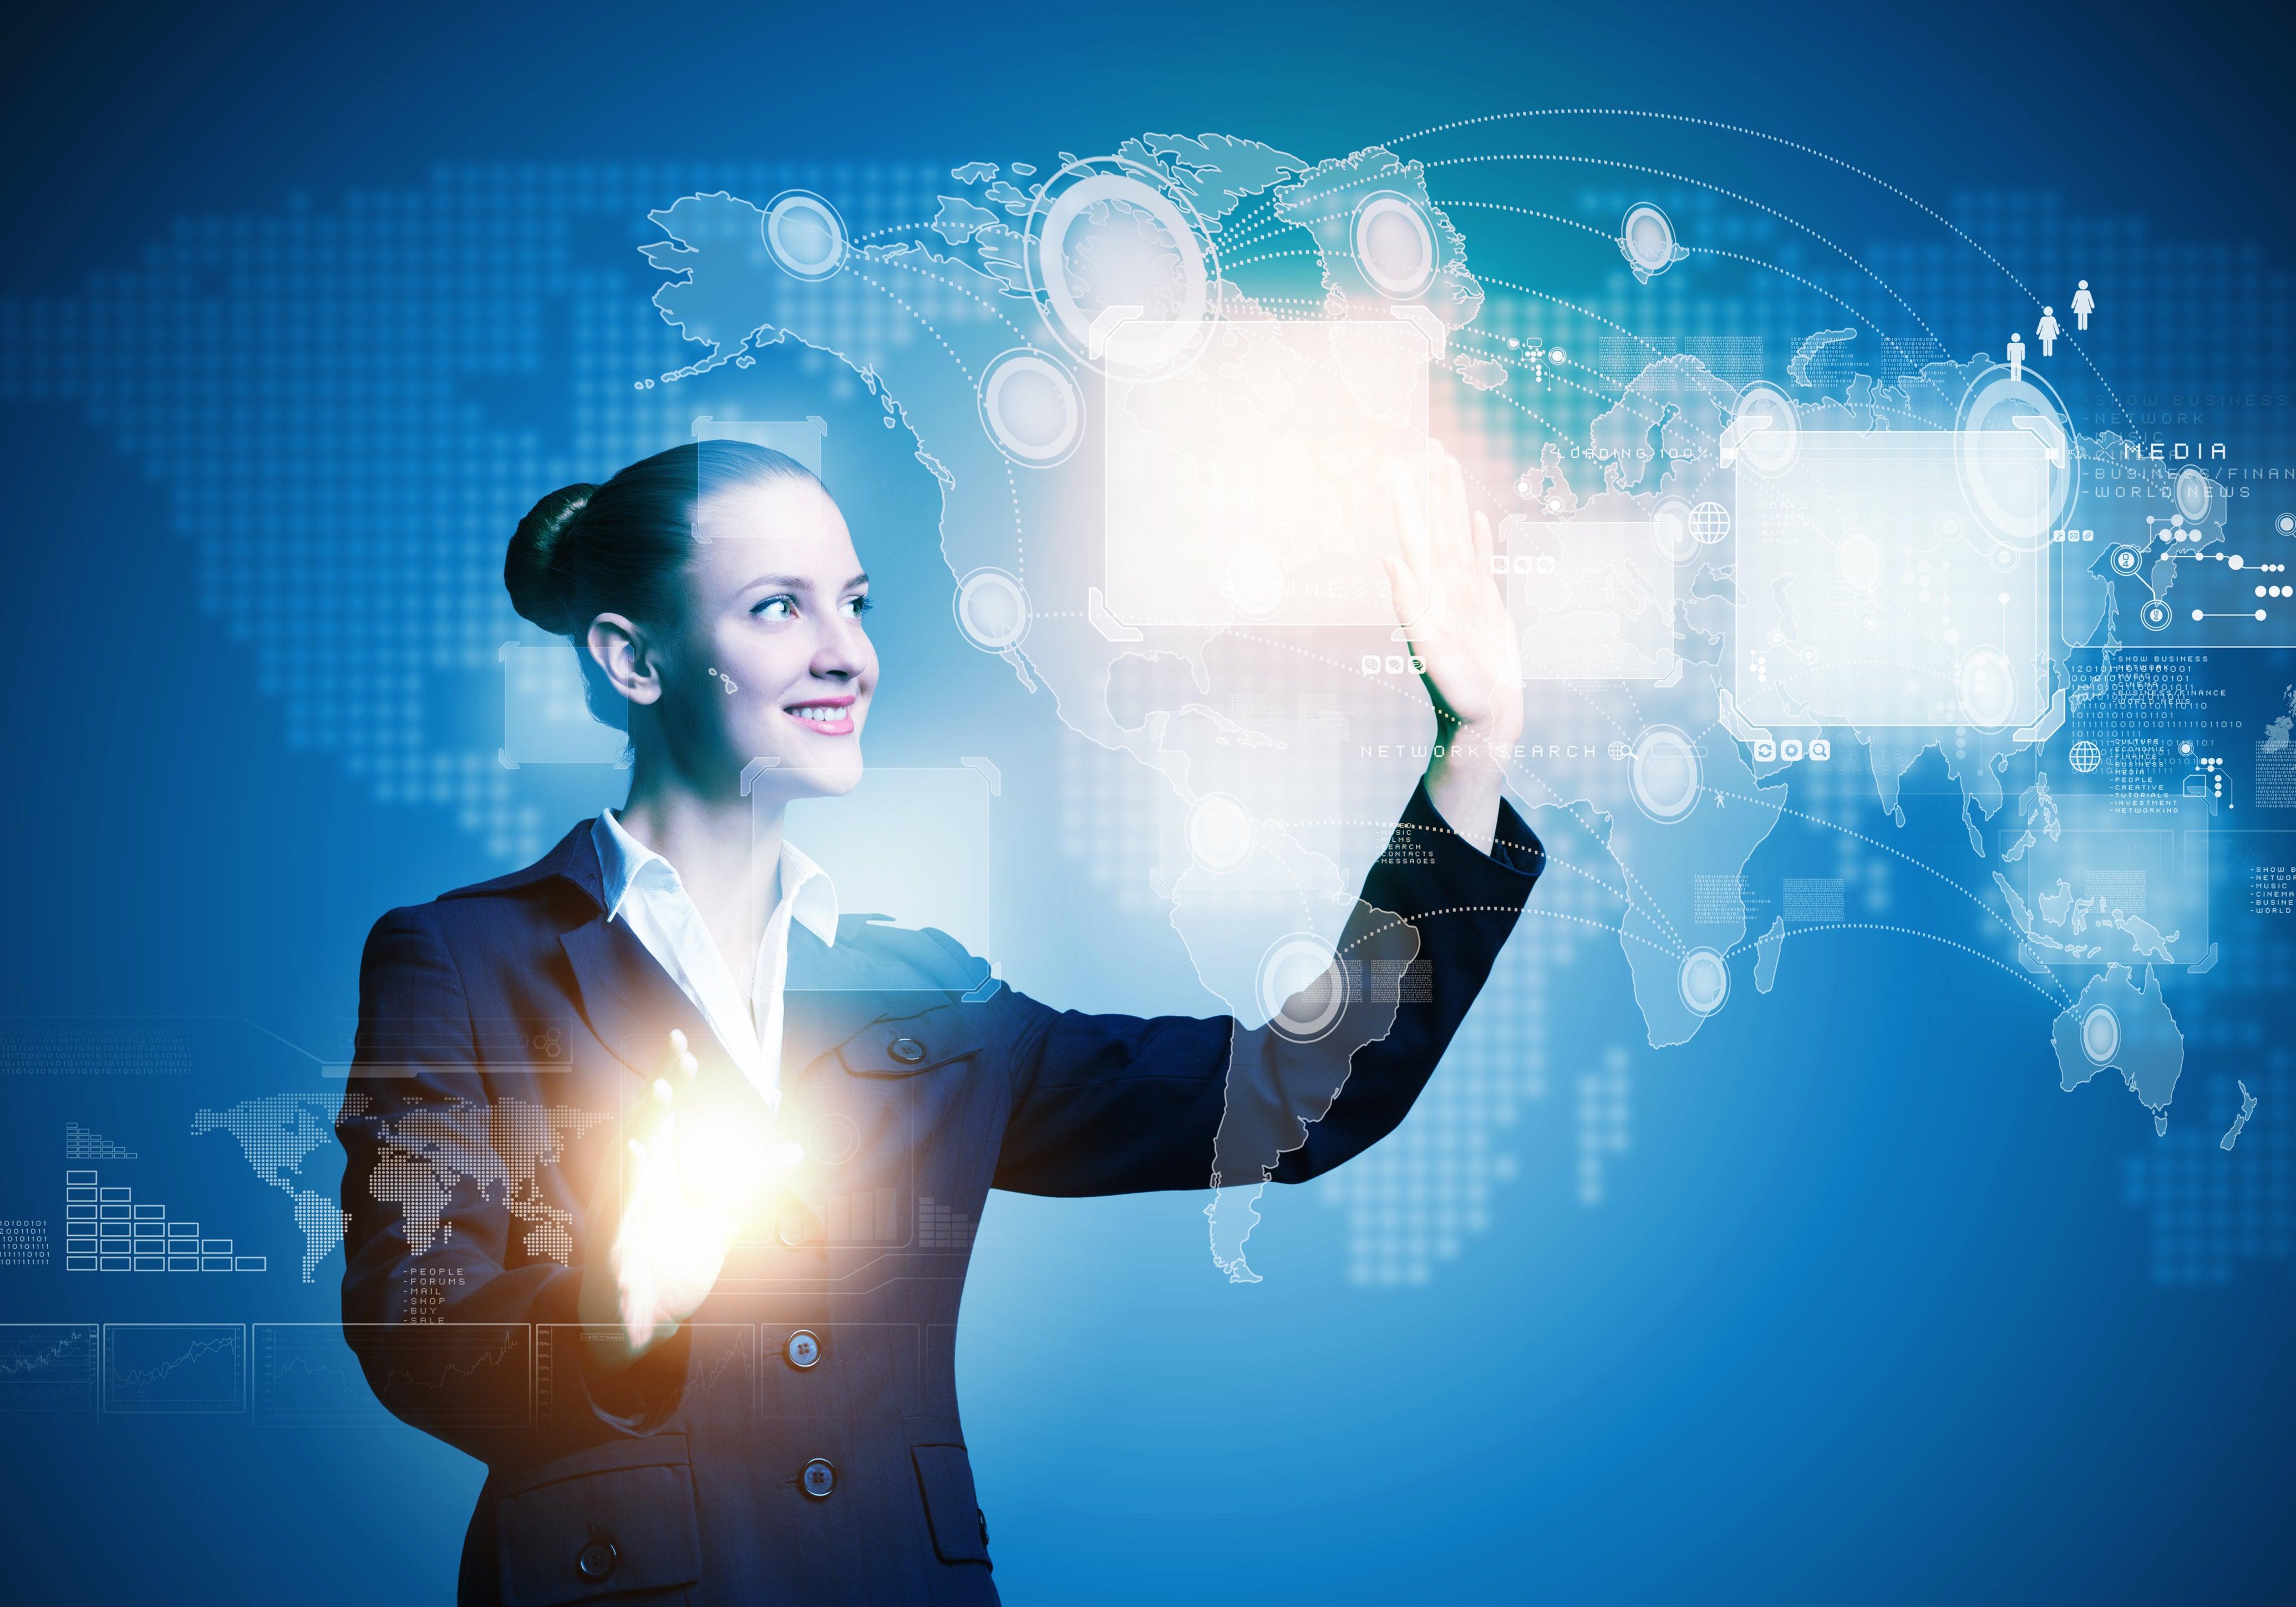 Las mujeres lideran la revolución de las redes sociales